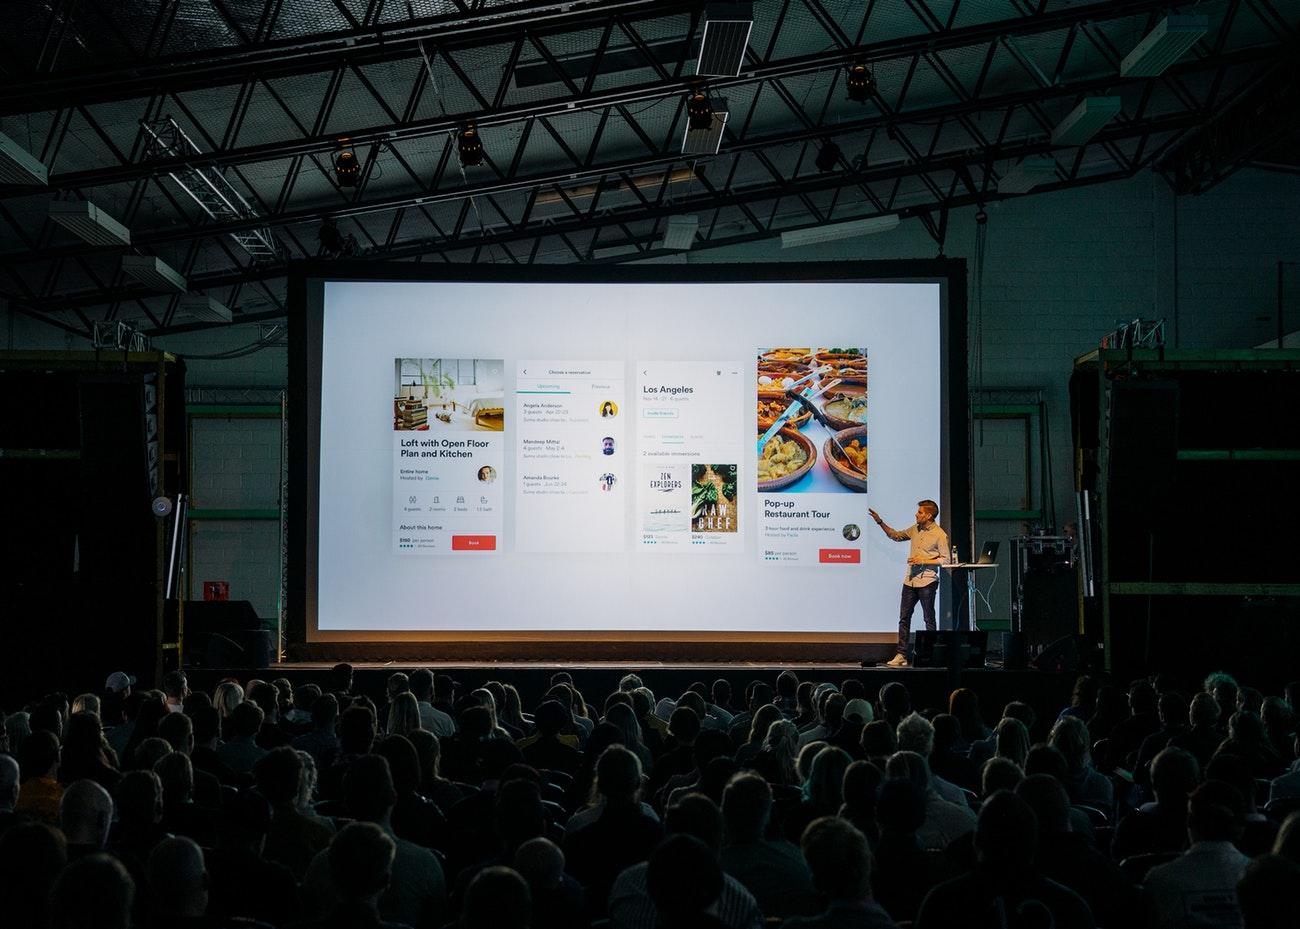 Gdzie pojechać po wiedzę w 2019? Przewodnik po tech-konferencjach na świecie.